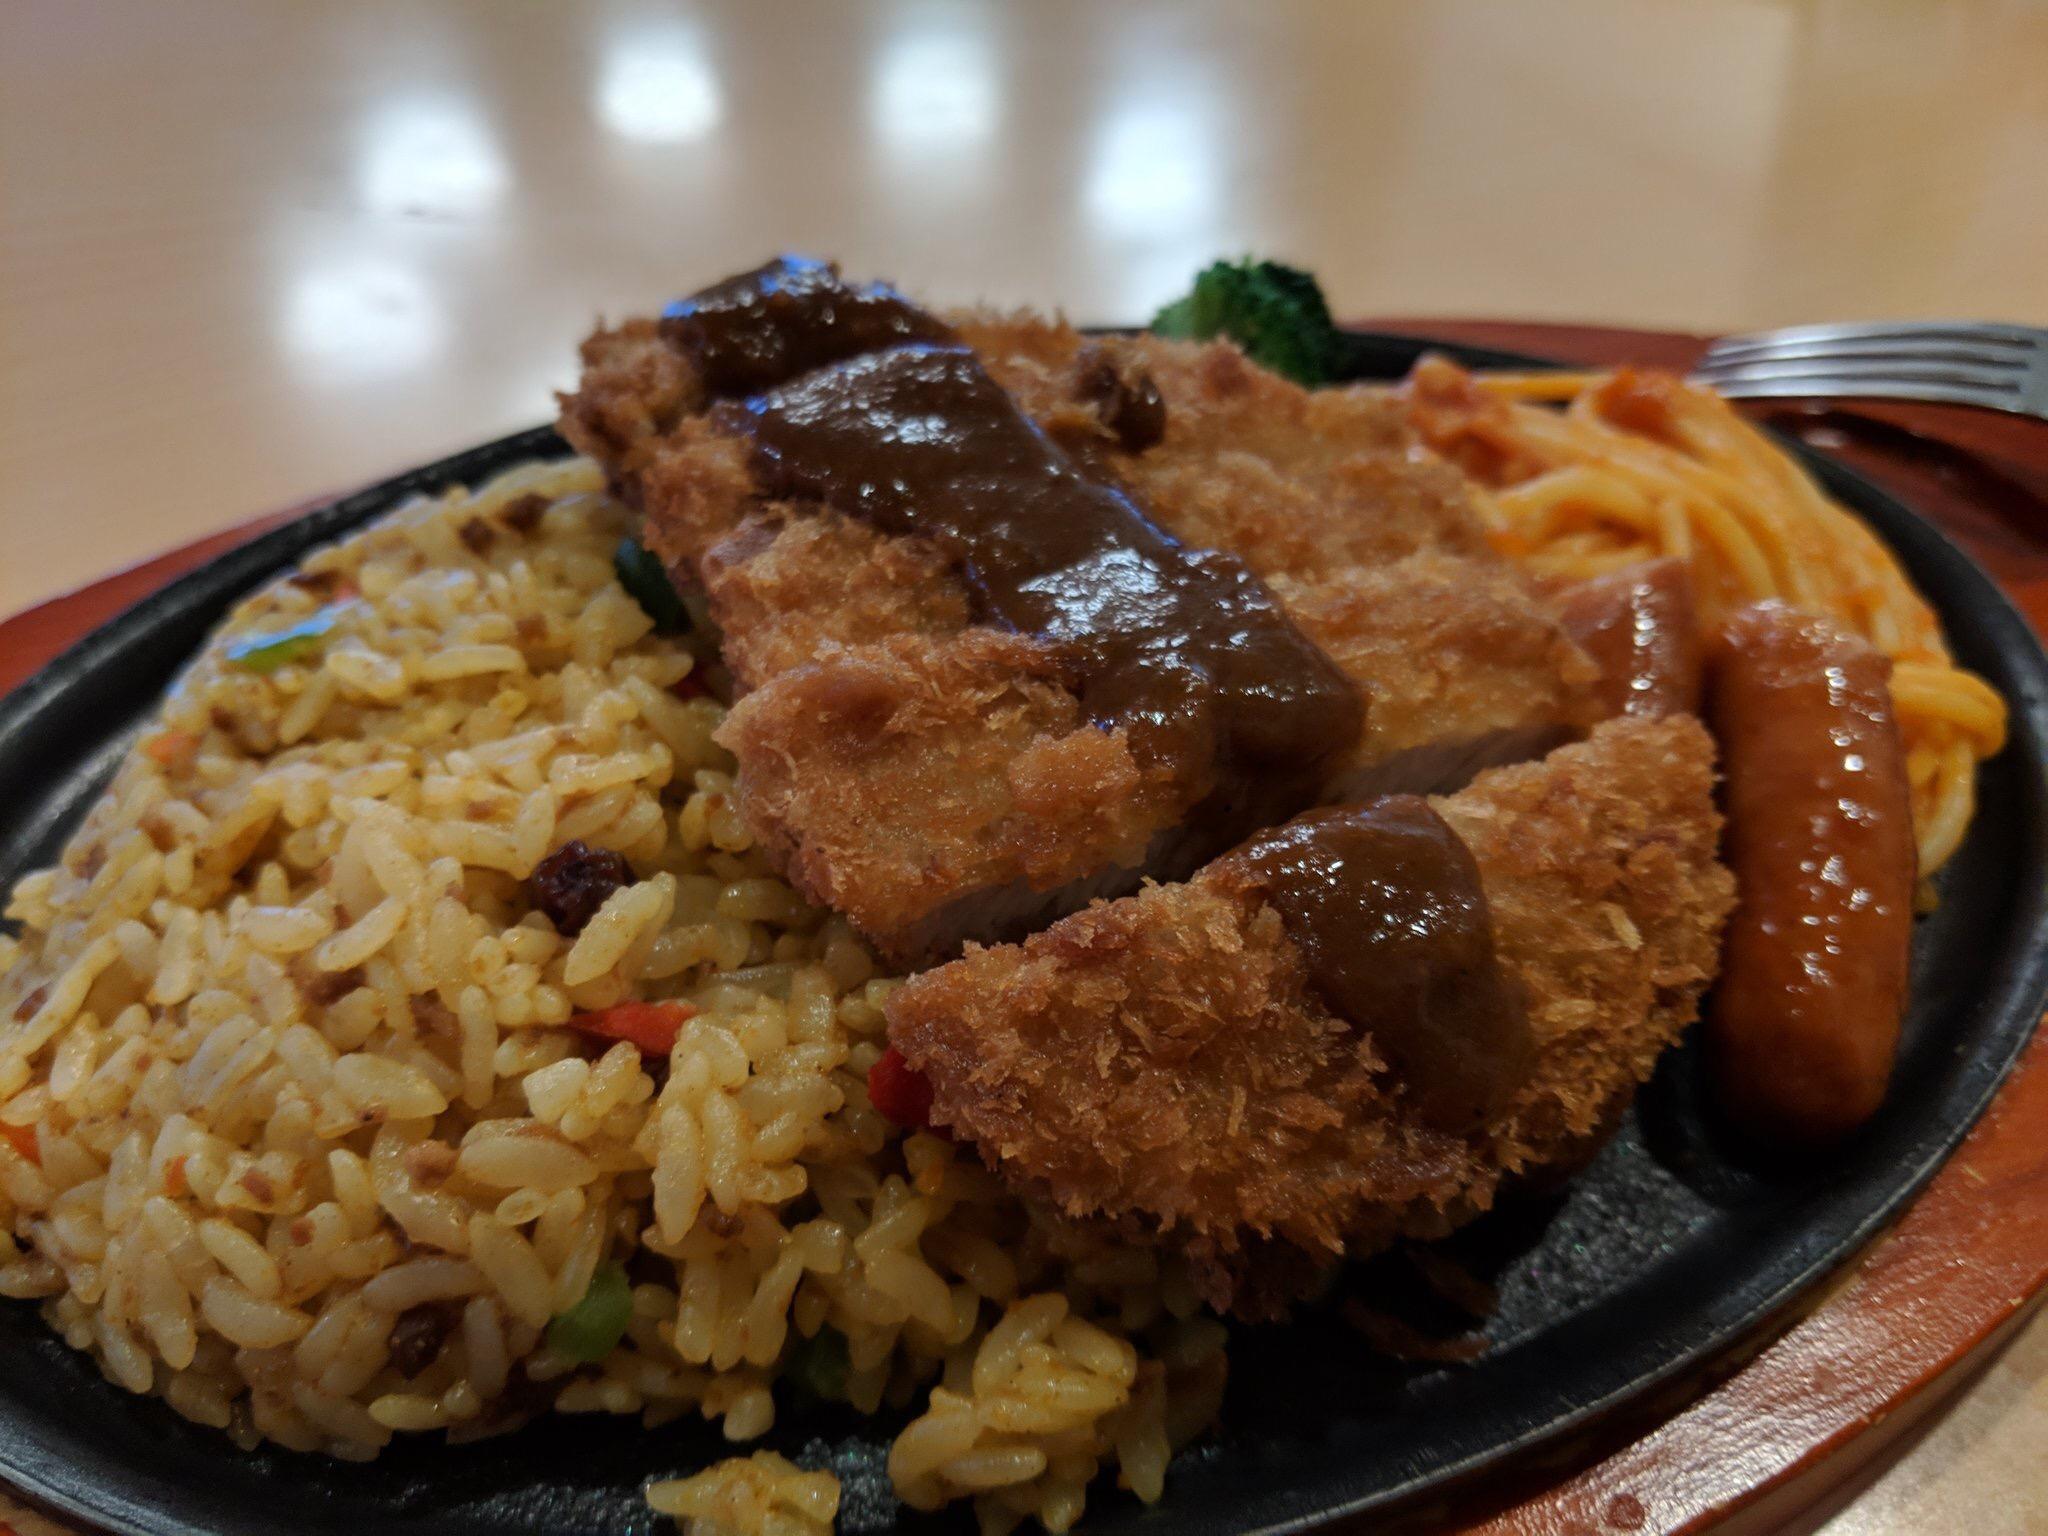 【画像】大食いならこの「デカ盛り鉄板トルコライス」完食できるよな????